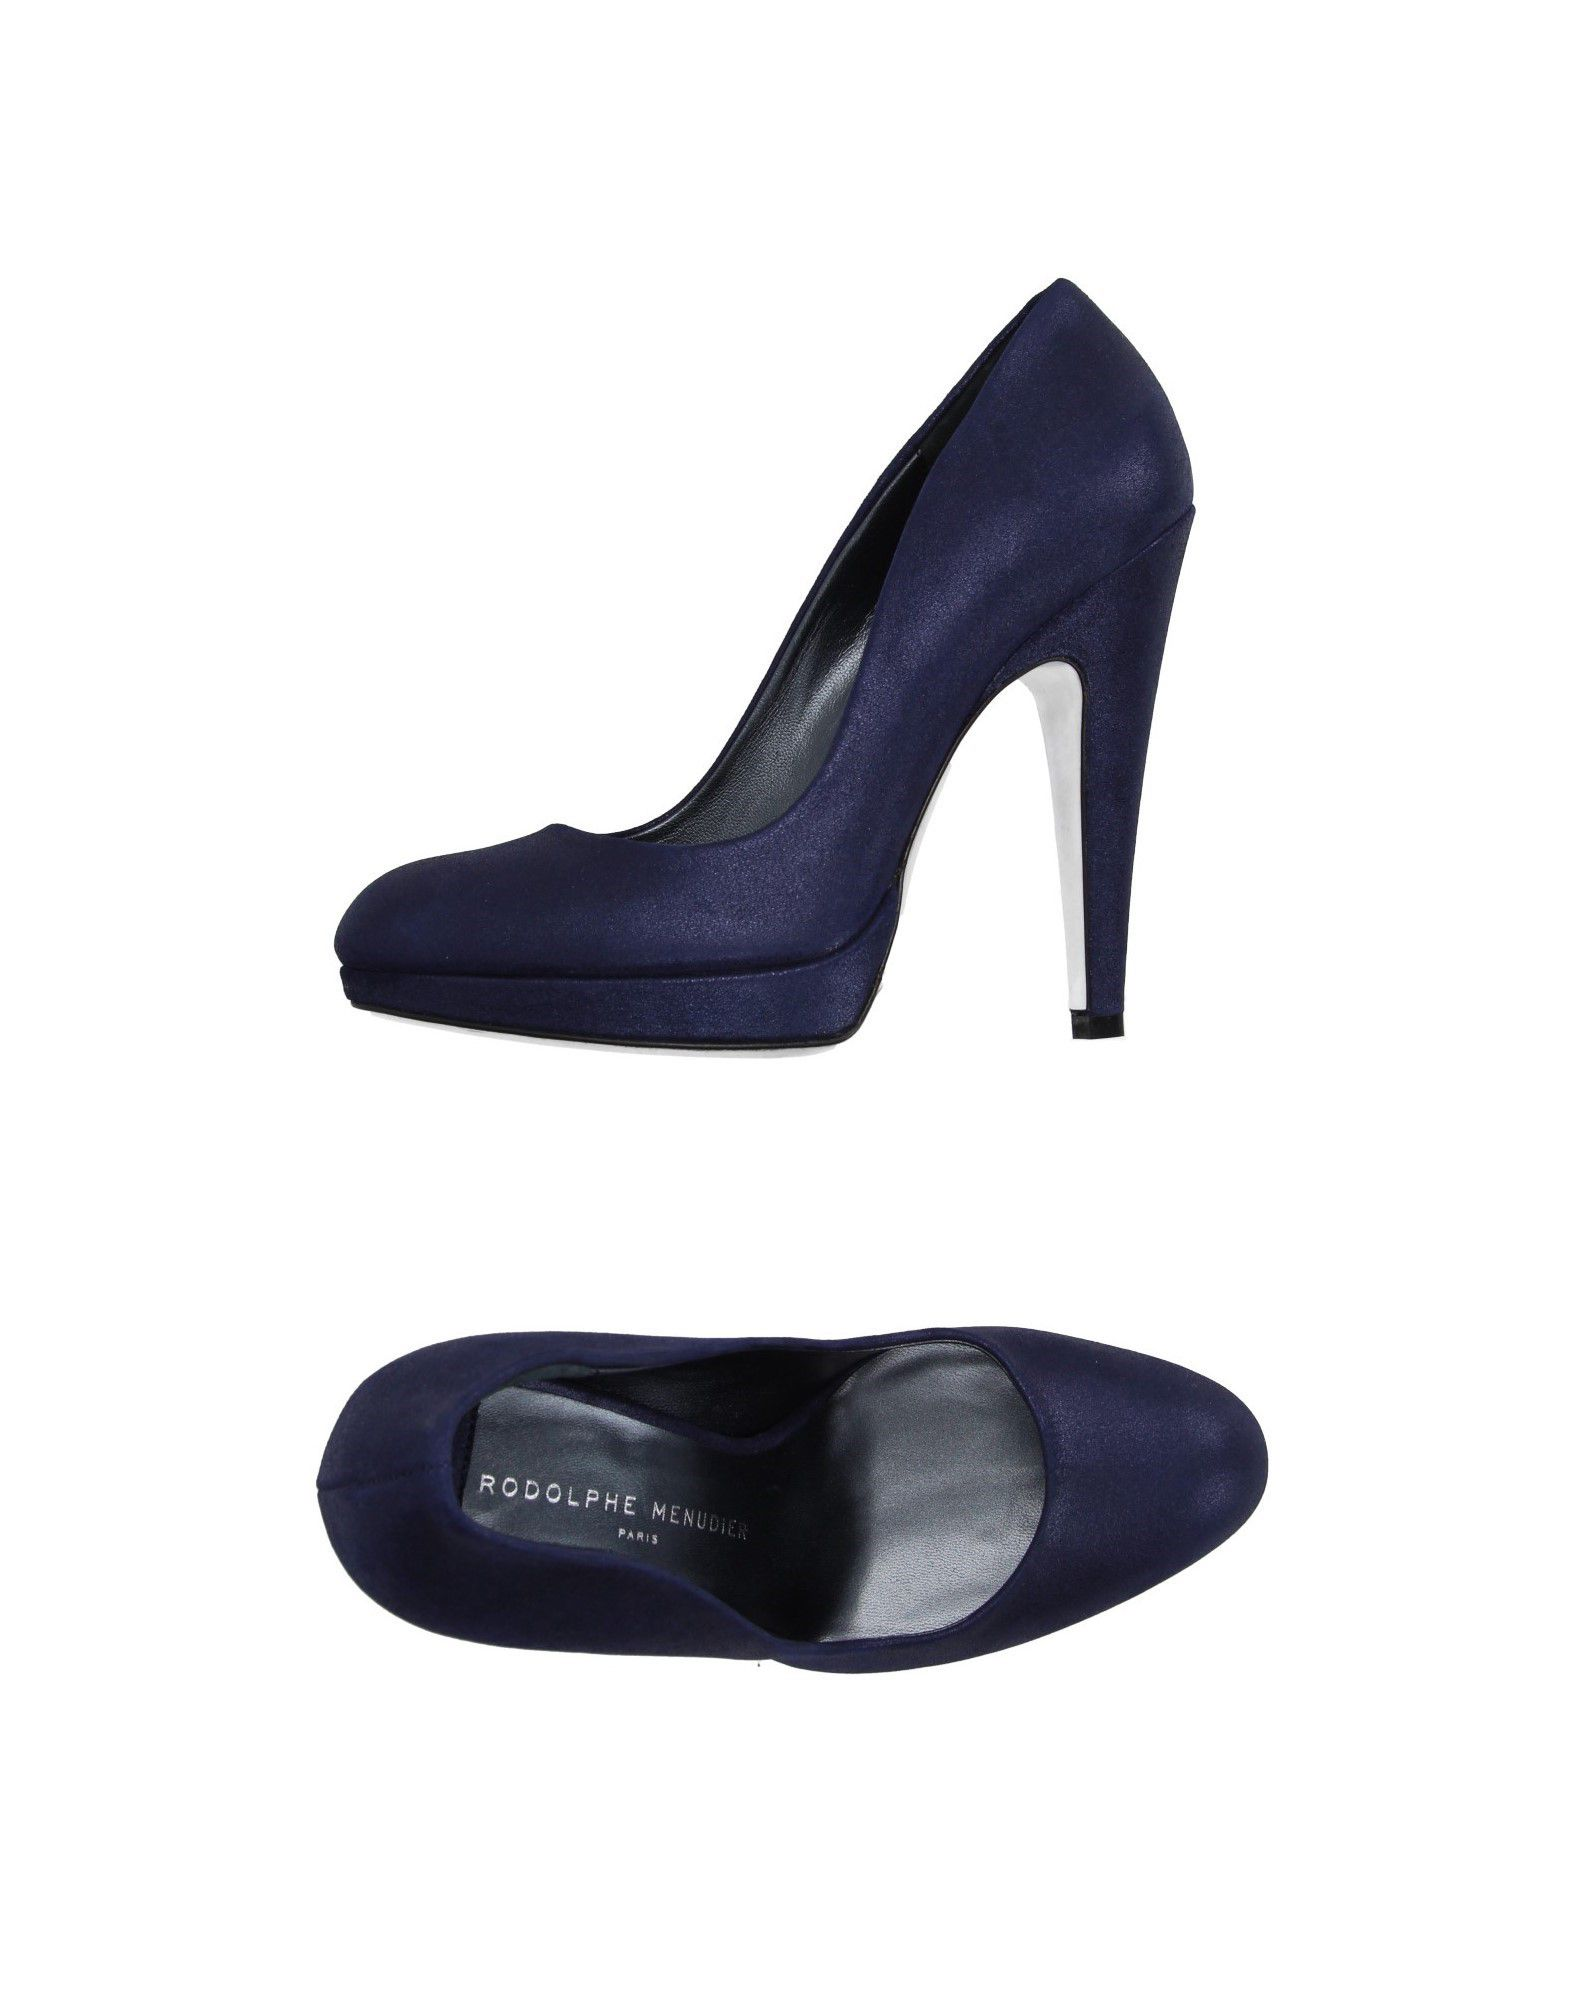 Stilvolle billige Schuhe Schuhe Schuhe Rodolphe Menudier Pumps Damen  11014366EK 776d17